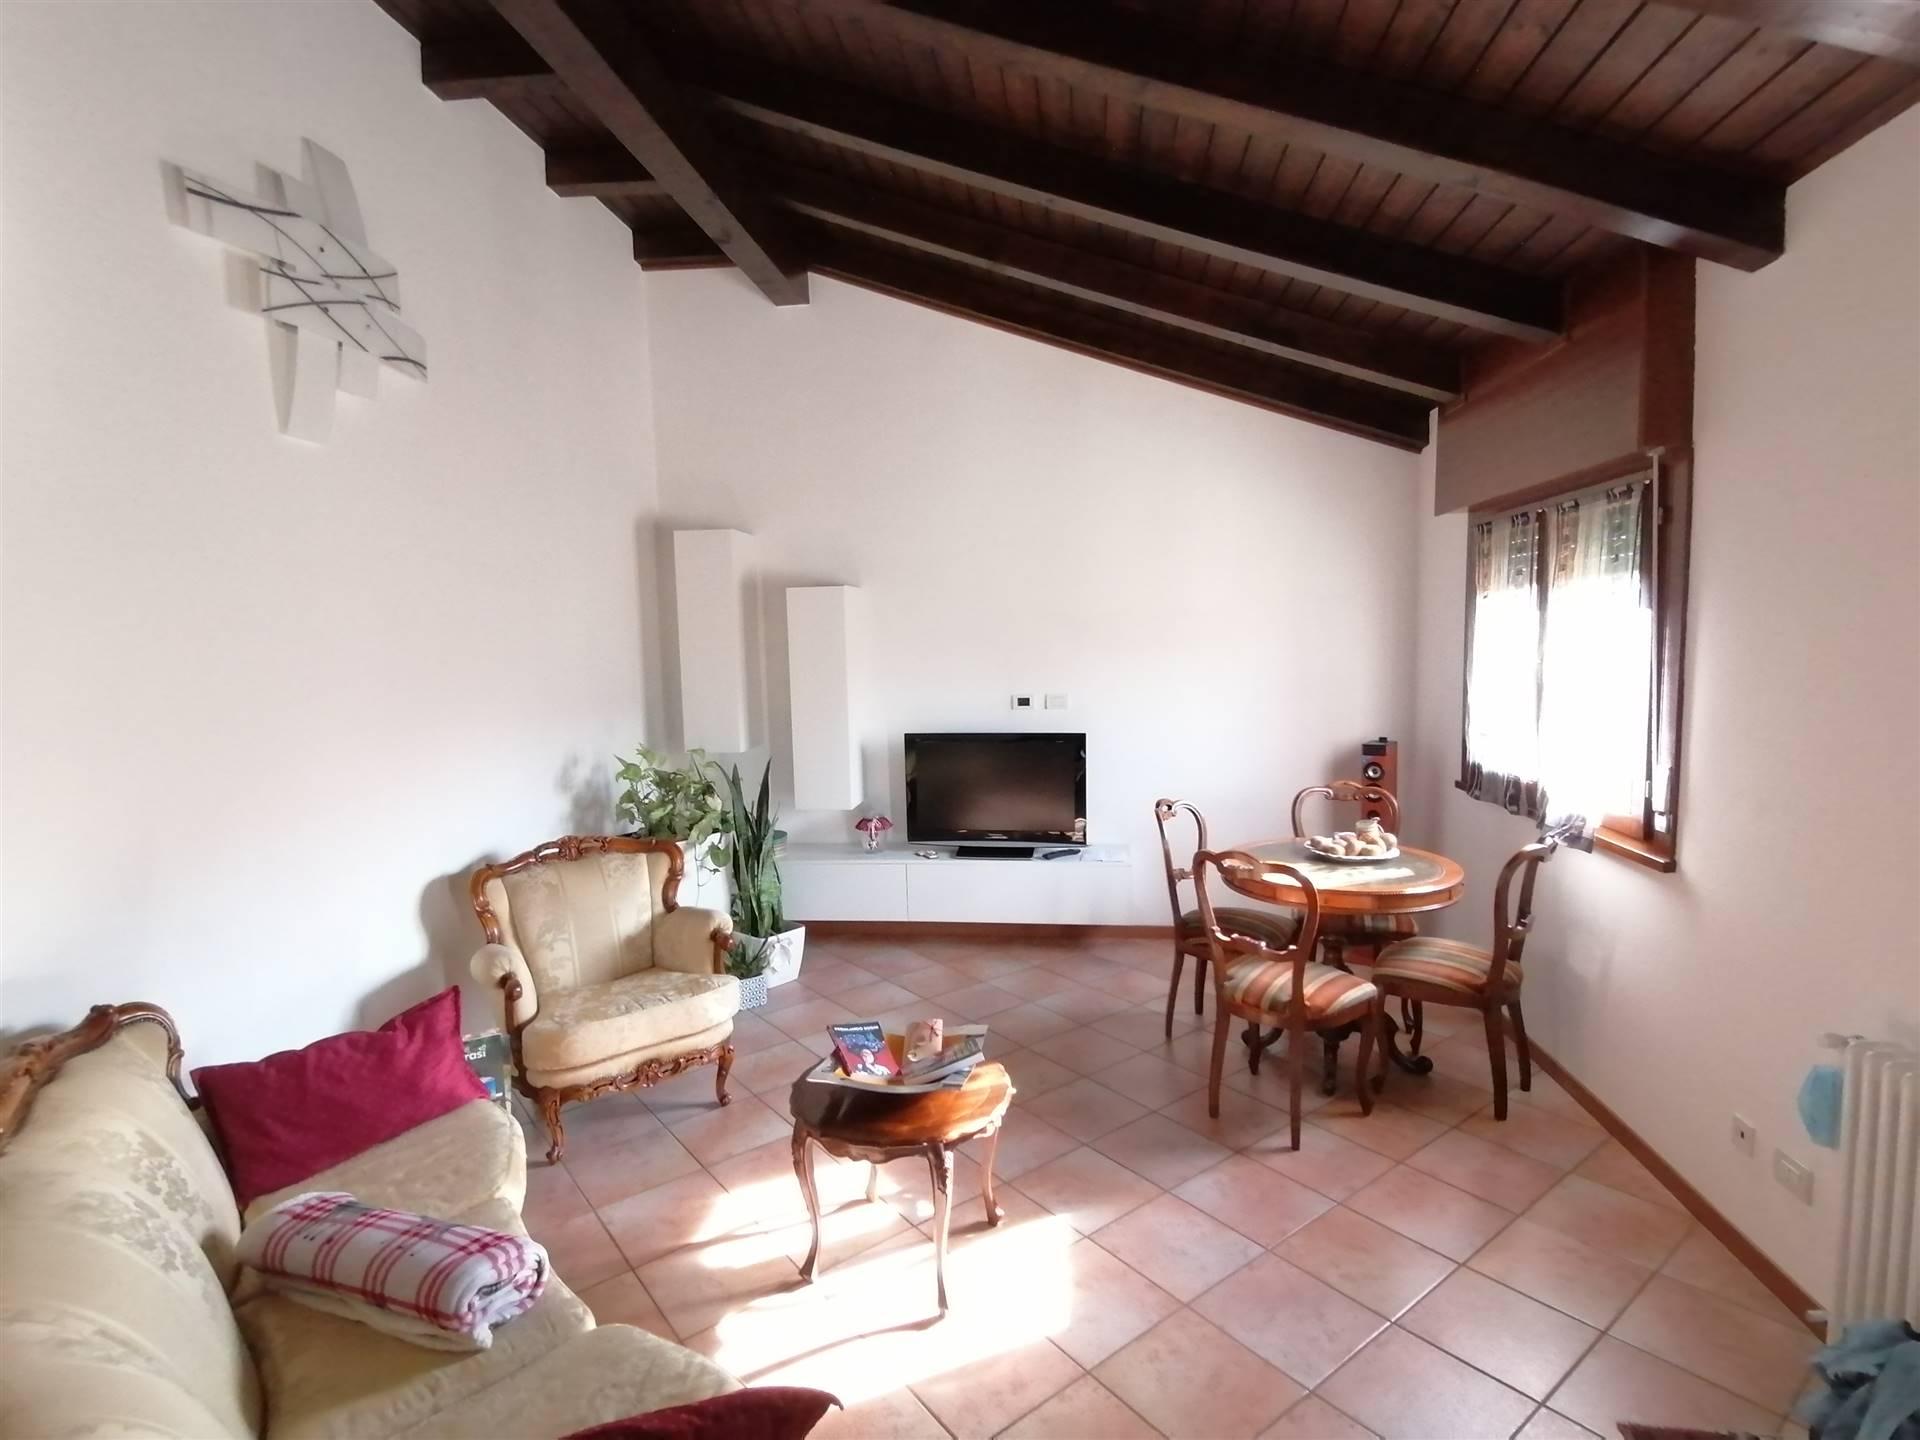 ROBEGANO, frazione di Salzano, bellissimo appartamento con ingresso indipendente a poche centinaia di metri dal centro del paese. L'immobile si compone di ingresso indipendente dal proprio giardino